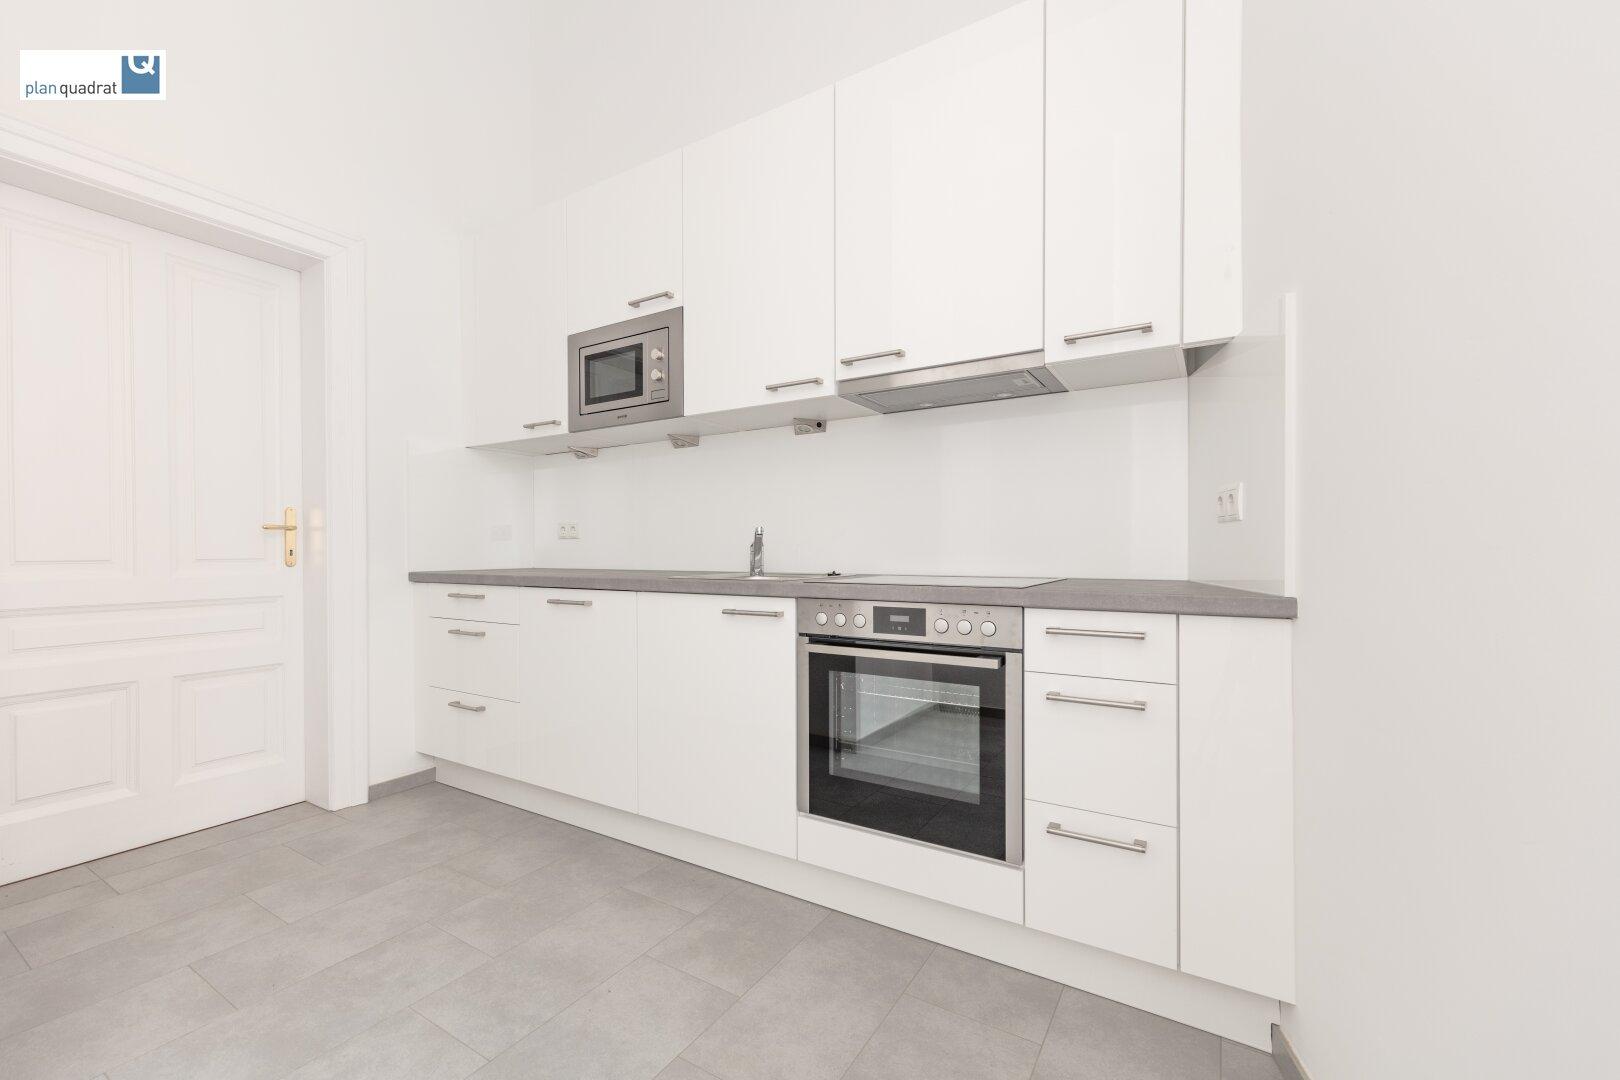 Küche (ca. 8,40 qm) mit neuer Küchenzeile